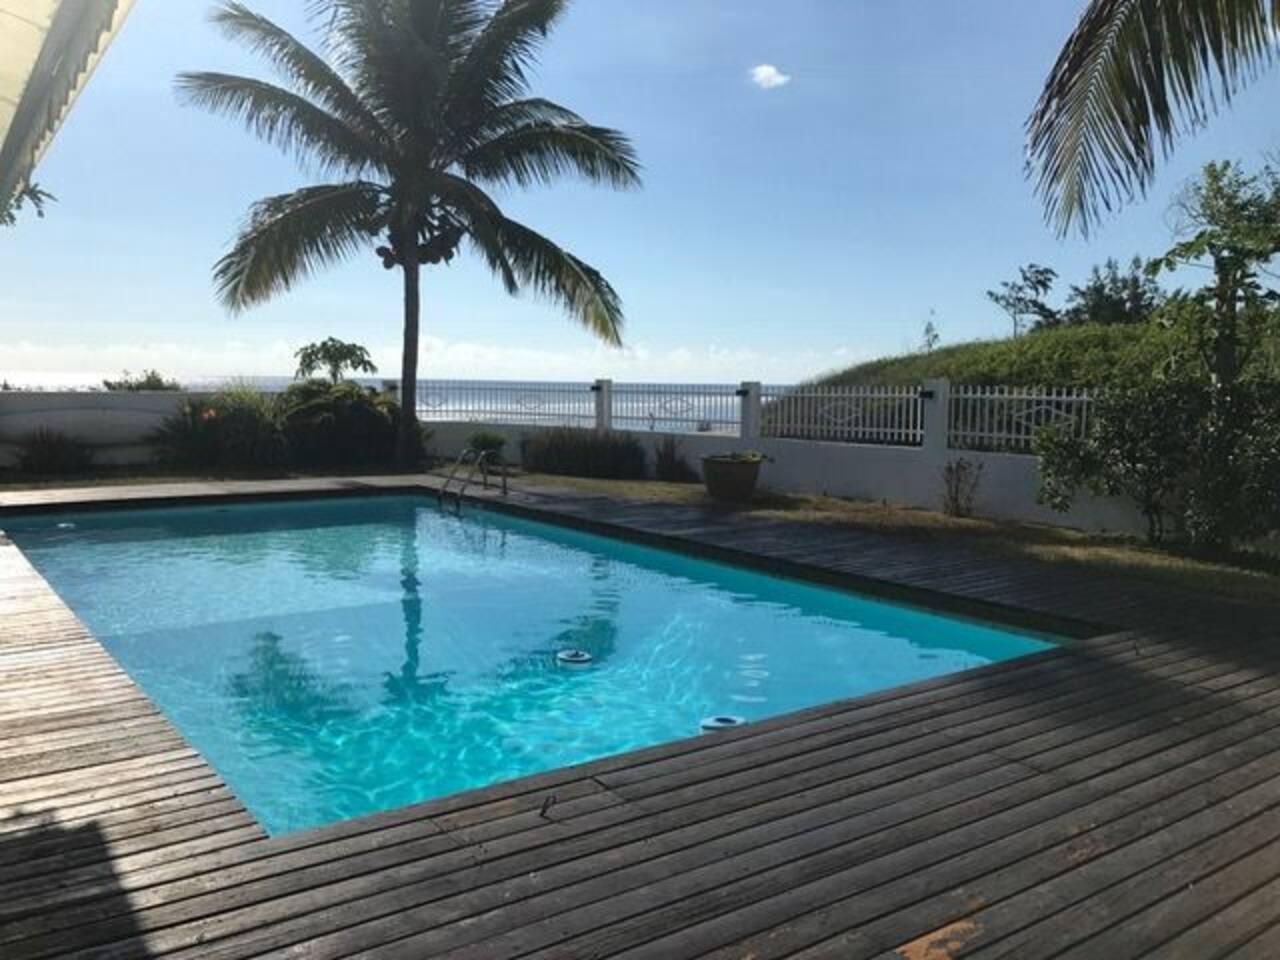 Vaste piscine avec vue sur l'océan